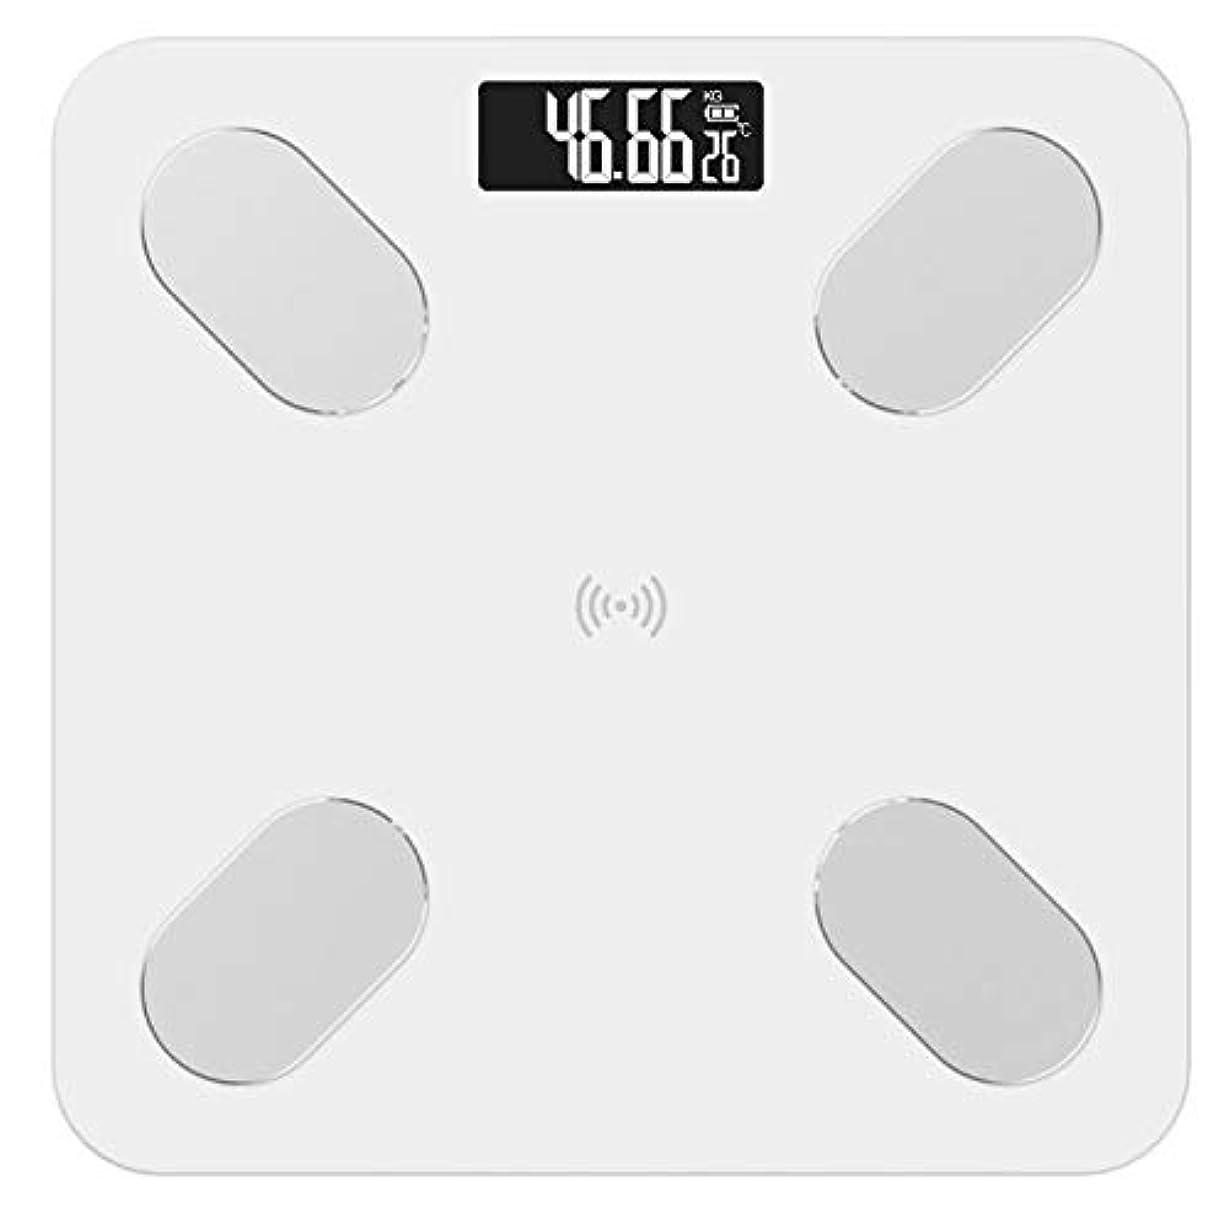 束に勝る純正スマート体重計、デジタル電子体重計/筋肉スケール/内臓スケールBluetooth APP